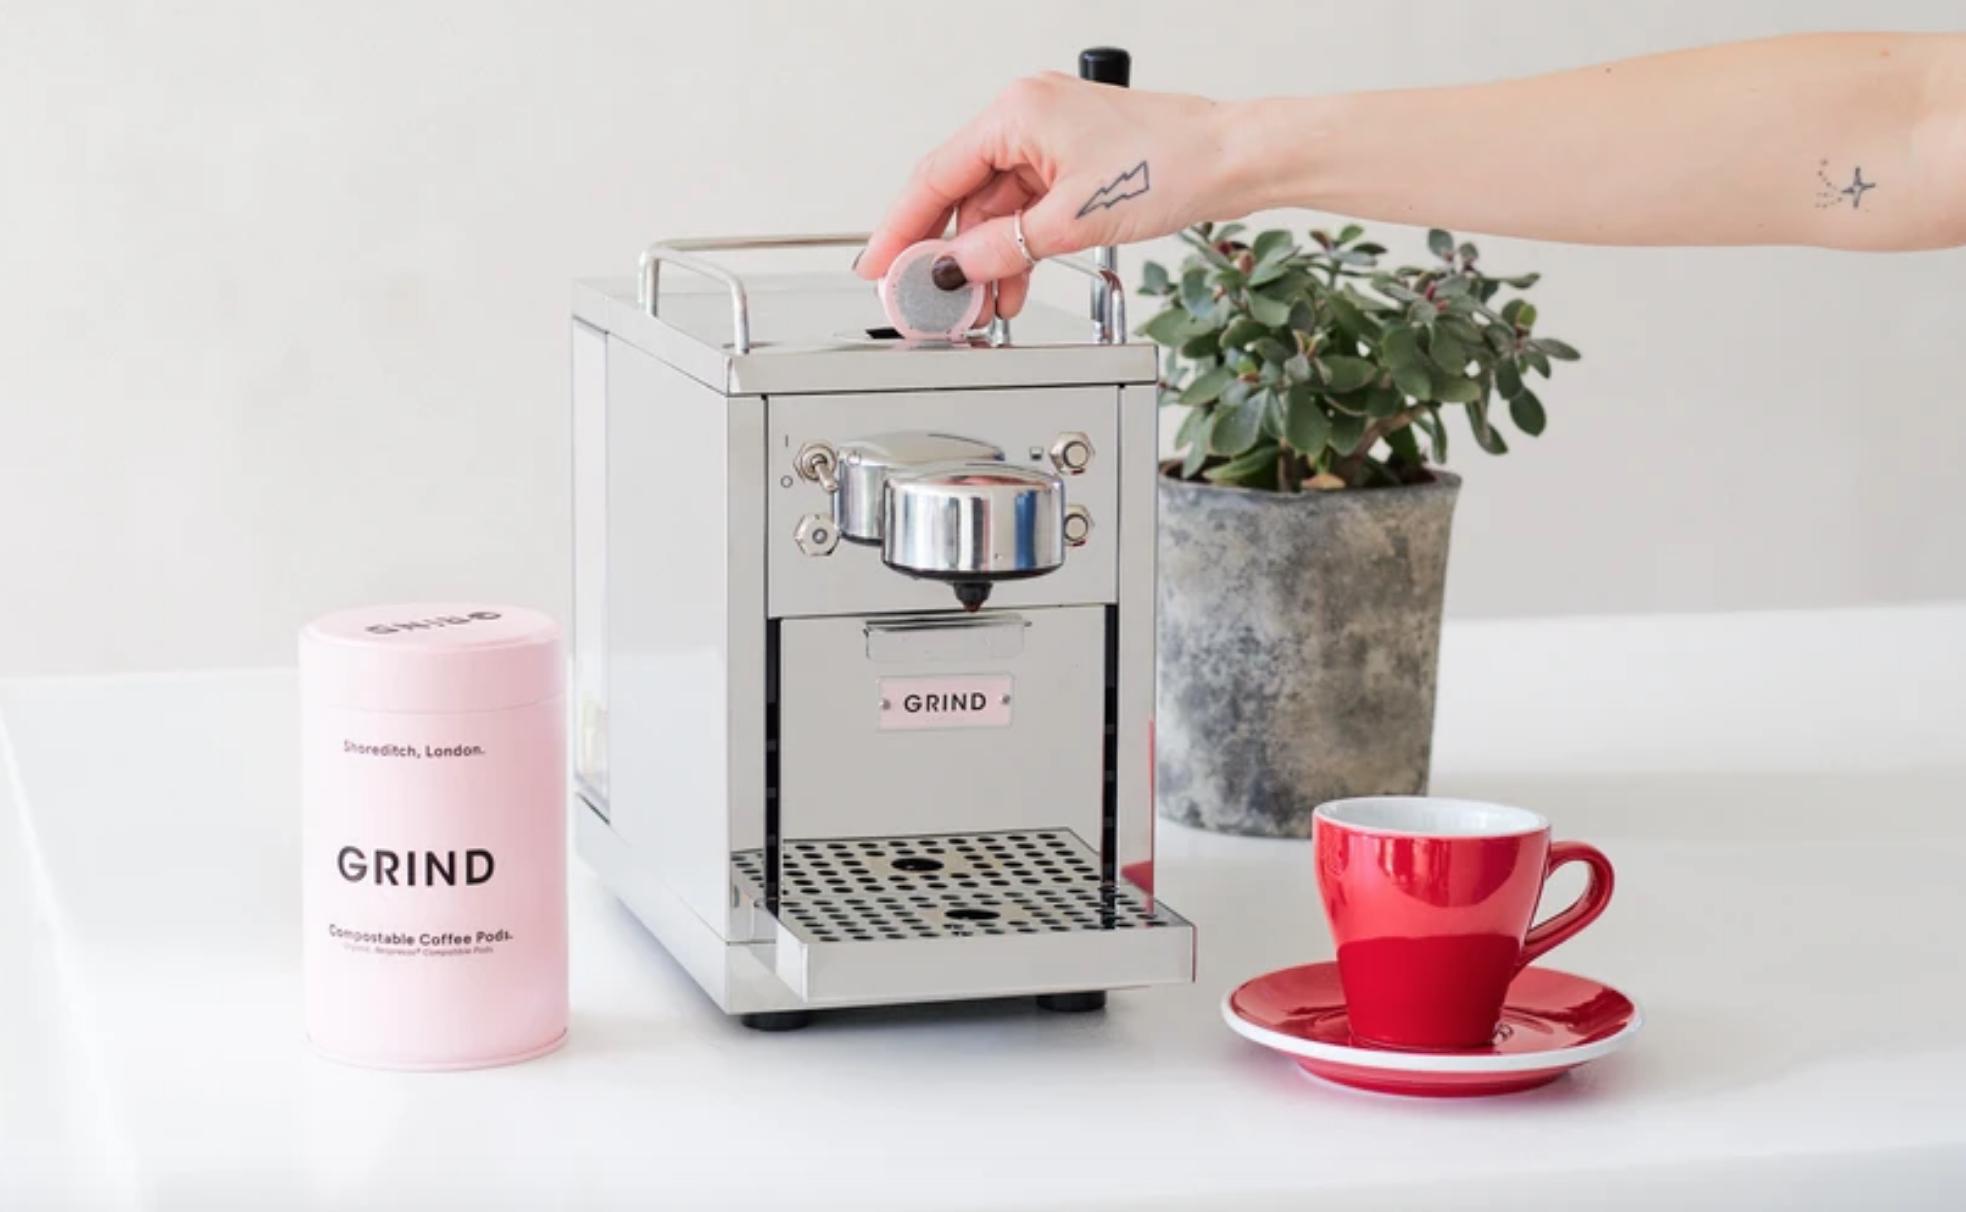 倫敦咖啡公司 Grind 融資 3000 萬美元,計劃在美國擴張